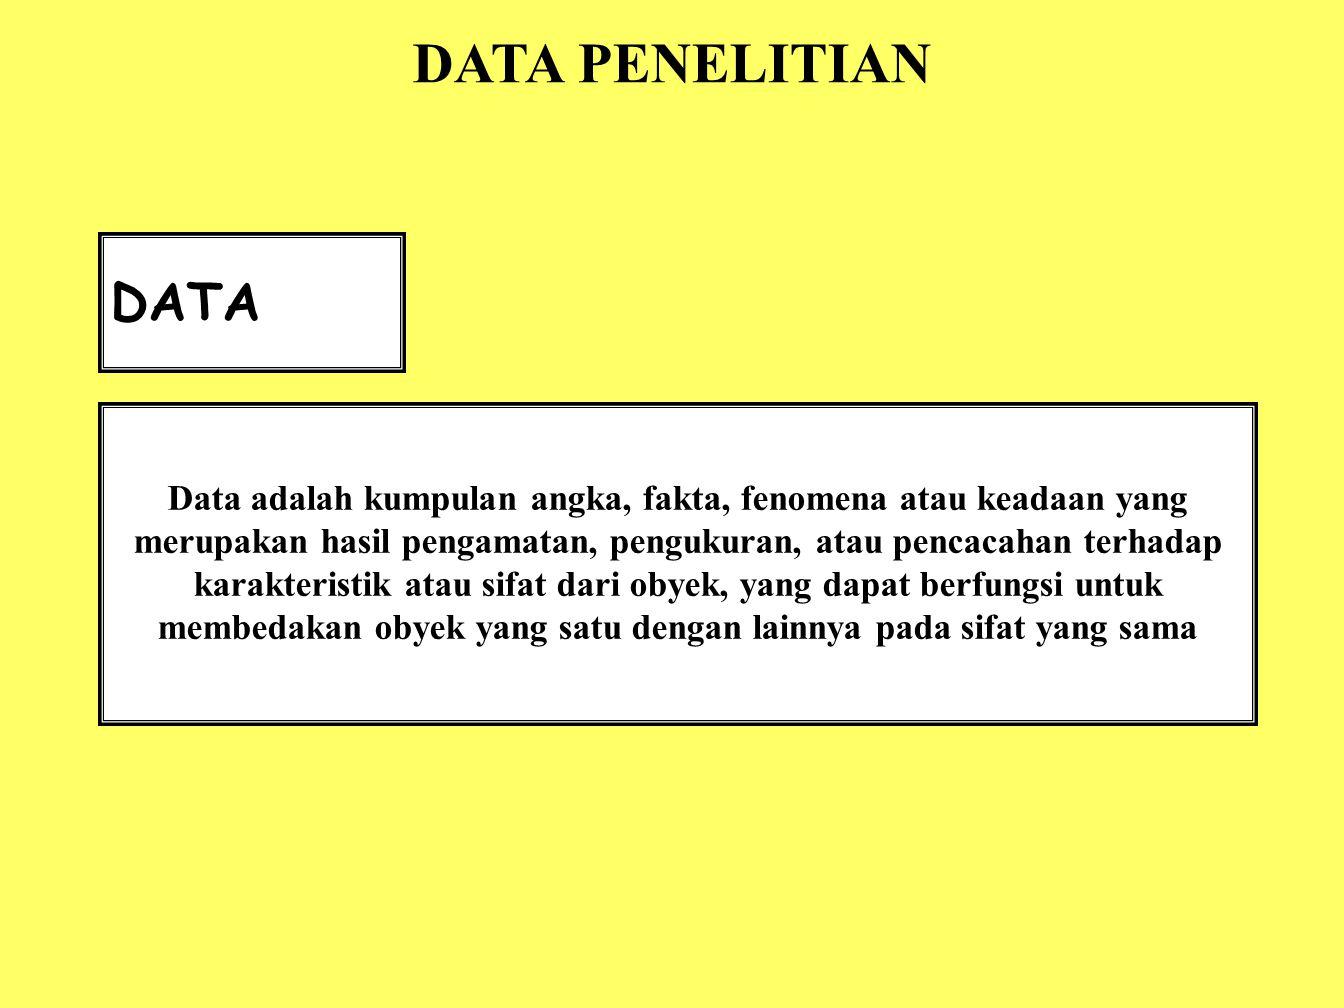 DATA Data adalah kumpulan angka, fakta, fenomena atau keadaan yang merupakan hasil pengamatan, pengukuran, atau pencacahan terhadap karakteristik atau